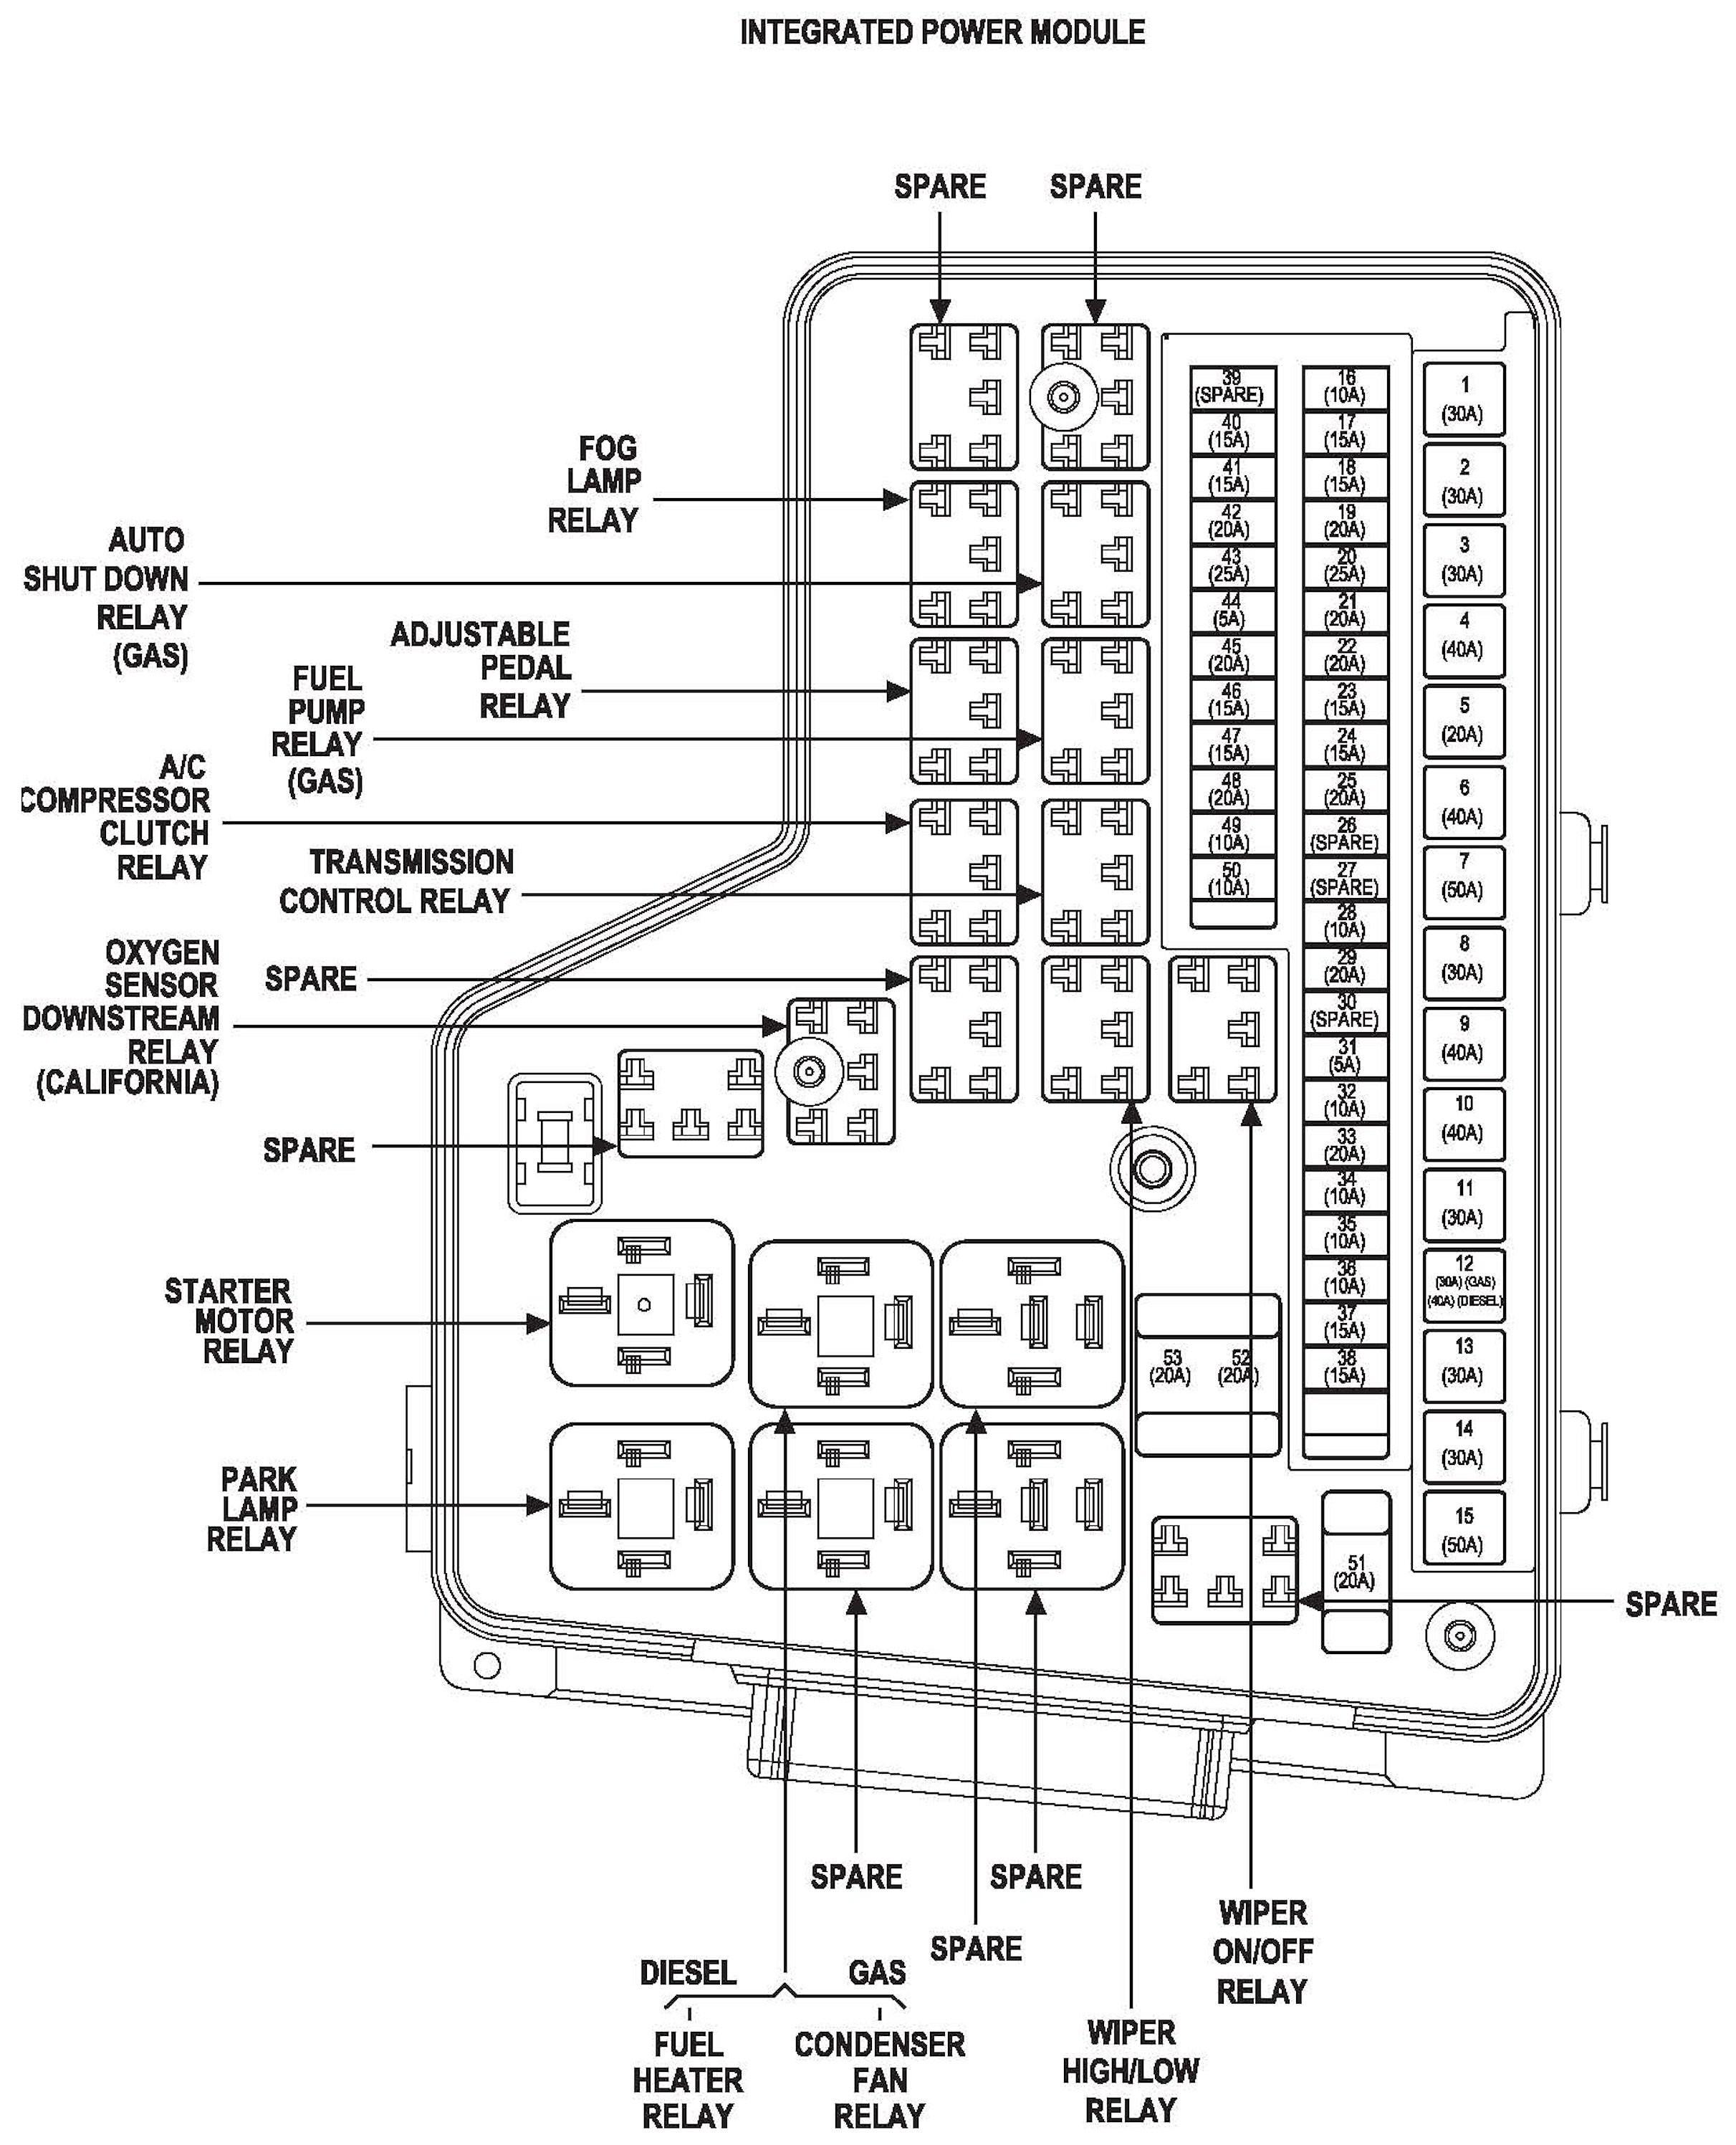 2004 Dodge Ram Fuse Diagram - Data Wiring Diagram Today - 2002 Dodge Ram 1500 Wiring Diagram